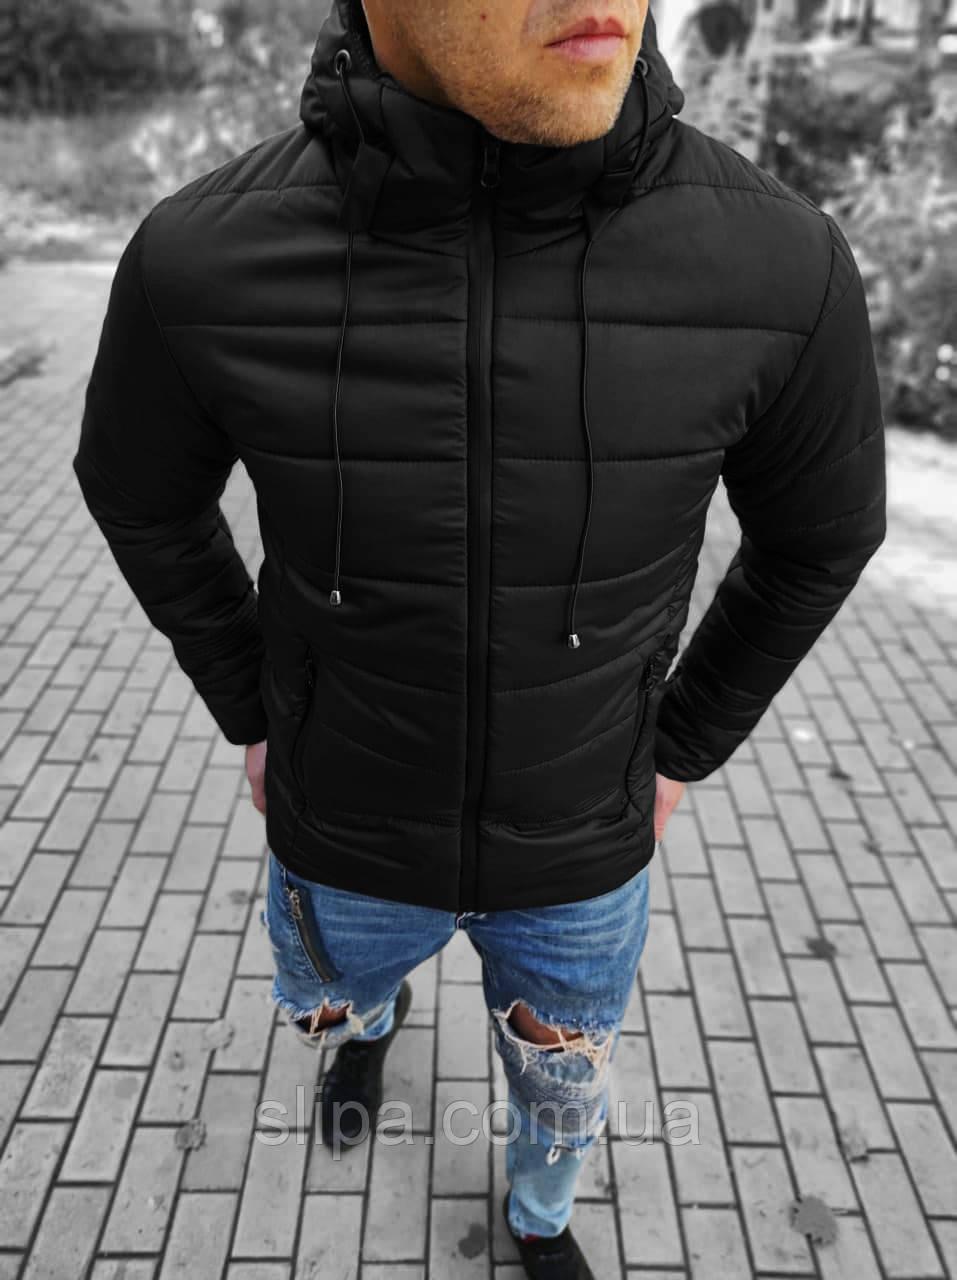 Чоловіча молодіжна зимова куртка з капюшоном чорного кольору на блискавці